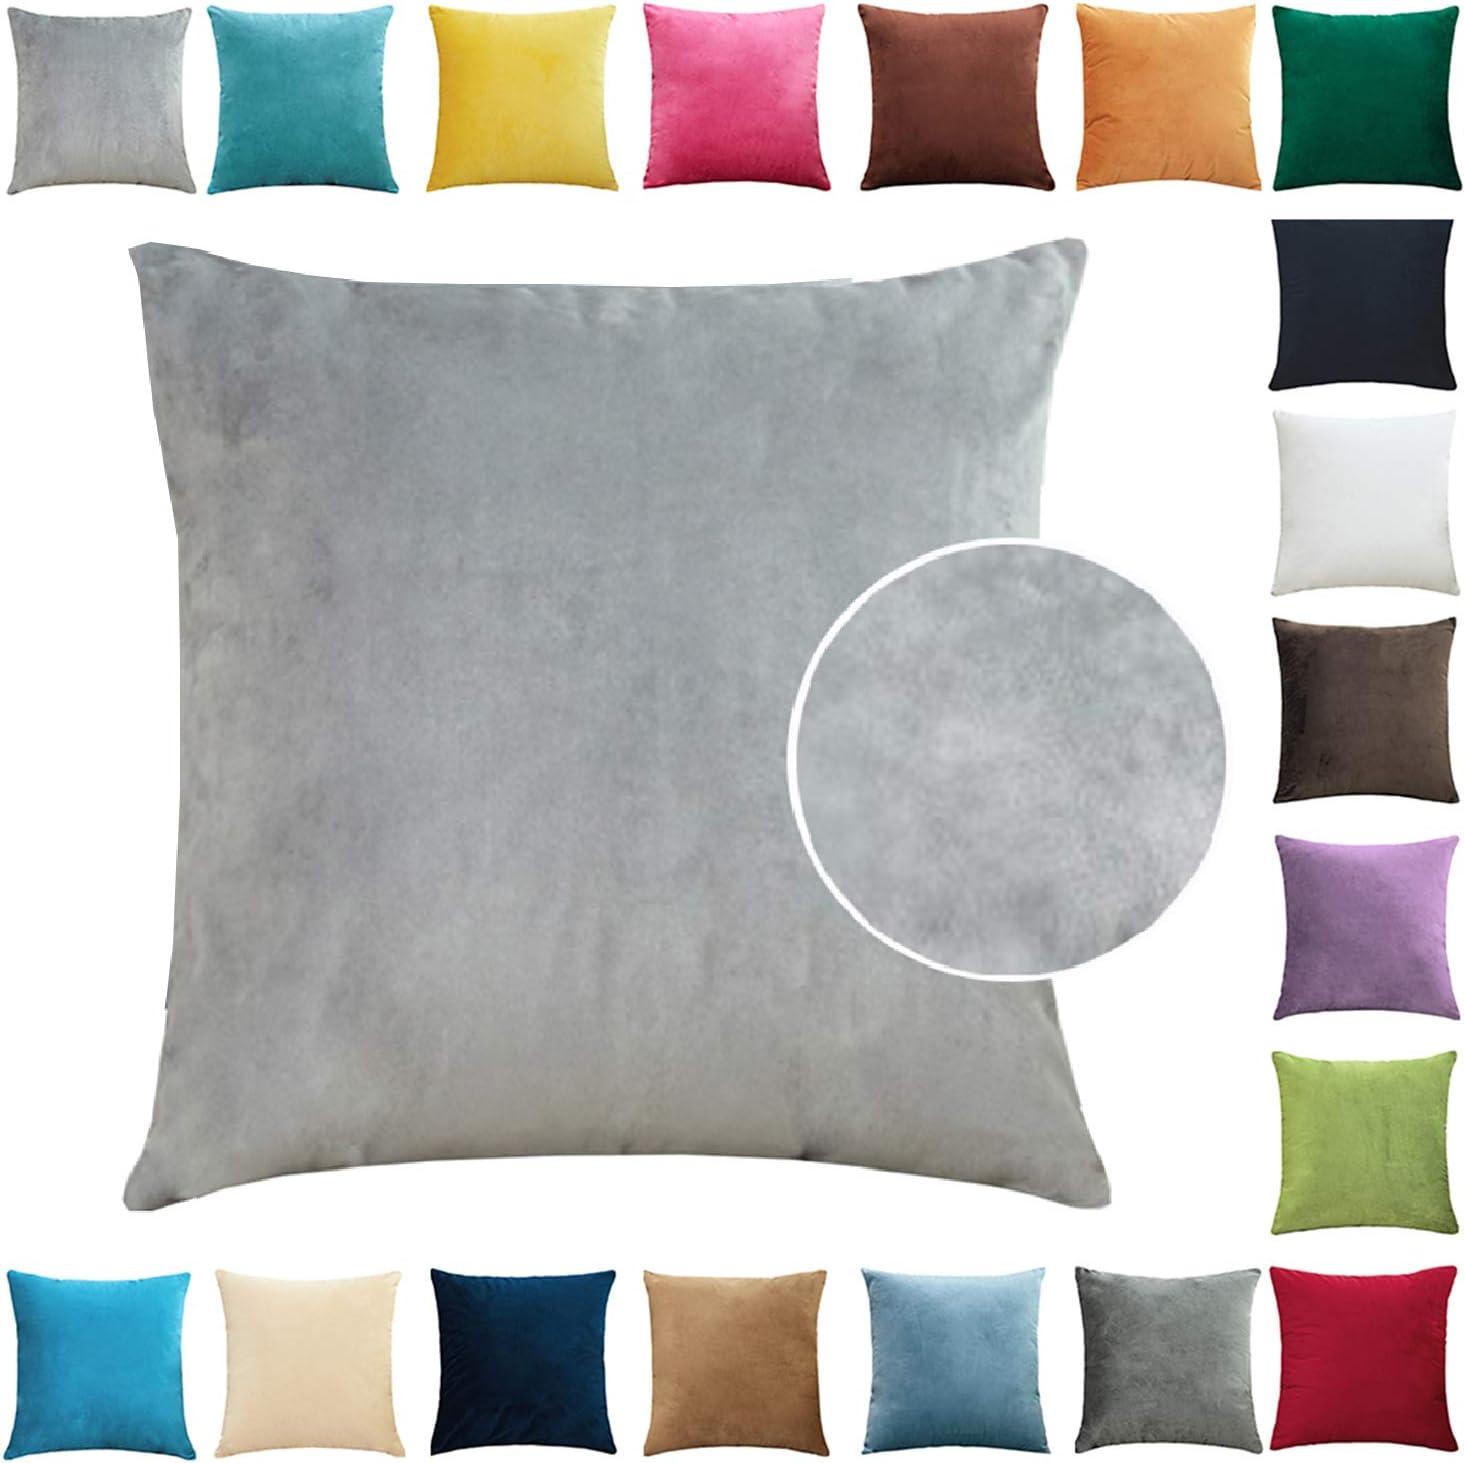 Brfash Fundas de Cojine Throw Cojín Decoración Almohada la Cubierta Hogar Sofá Coche Cama Color Sólido Elegante Terciopelo Funda de Almohada Blanco 20